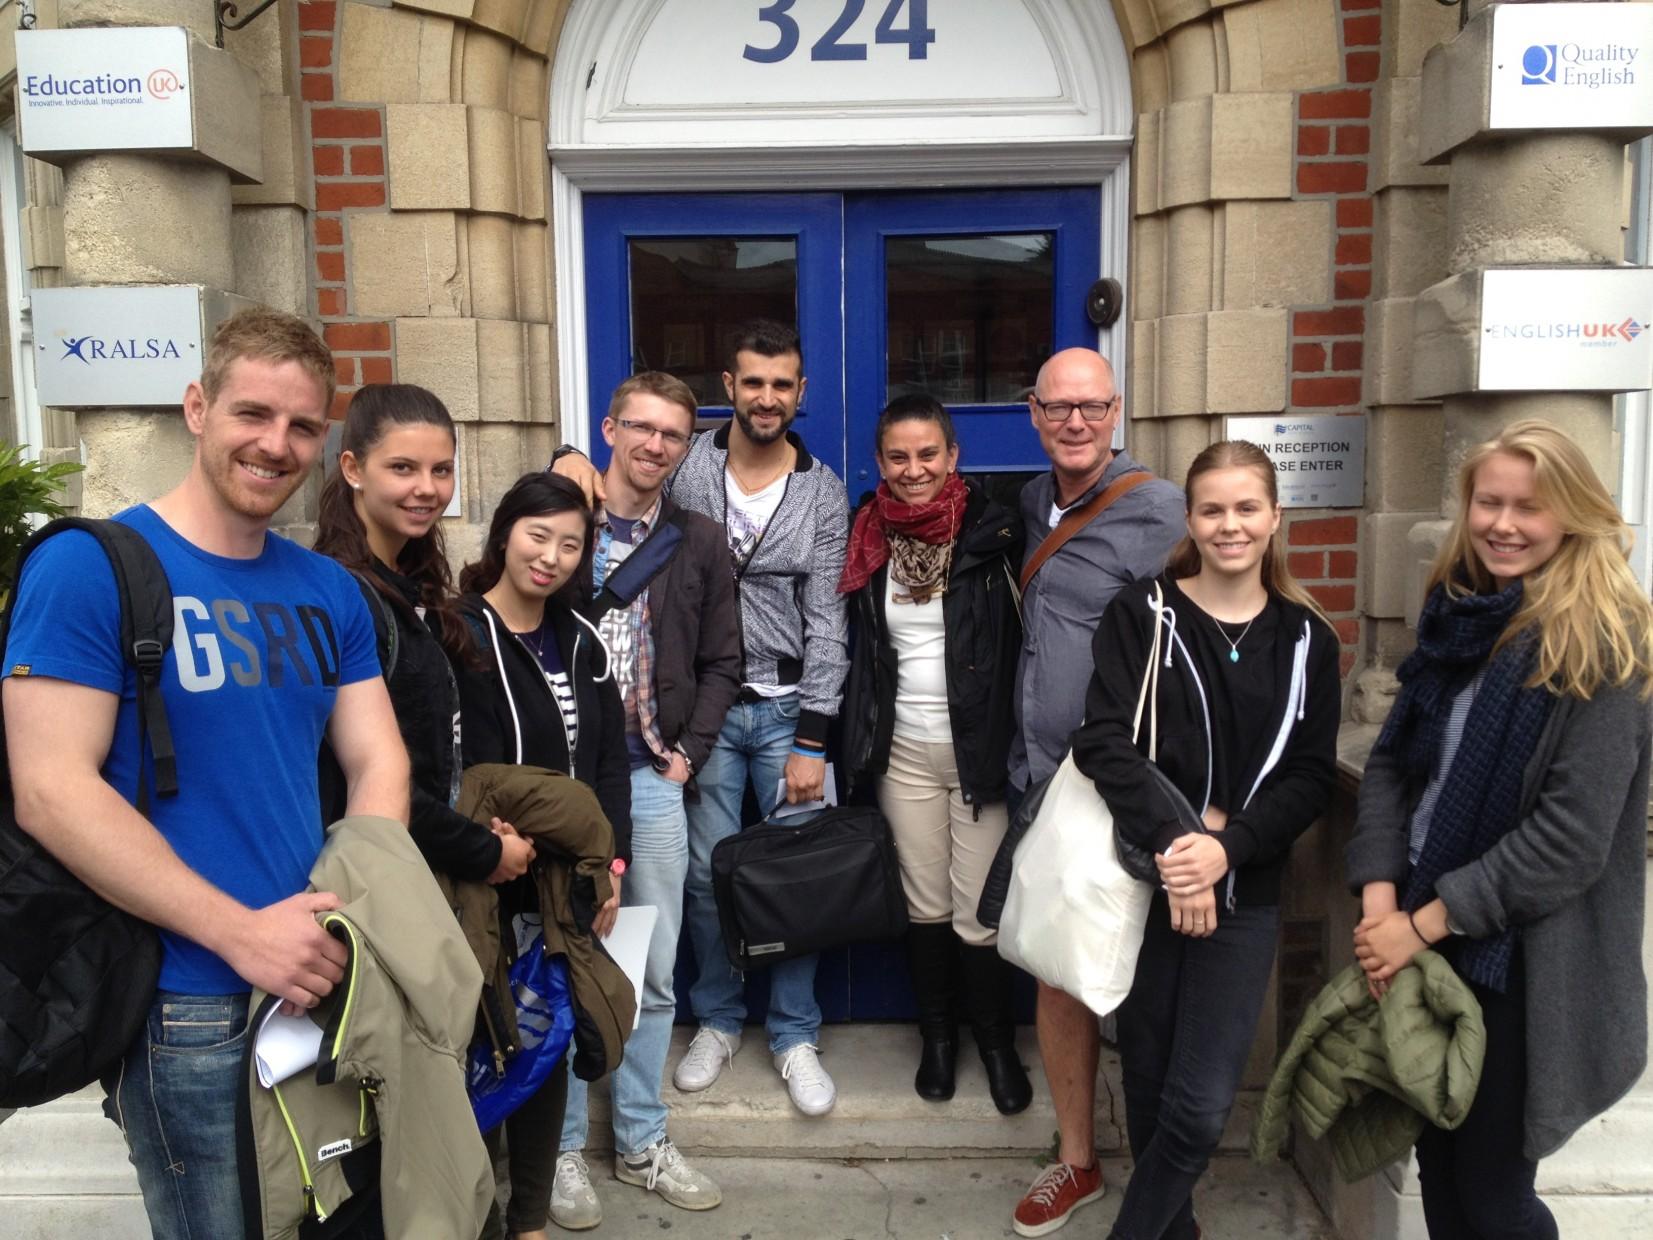 Escuela de Bournemouth estudia inglés con alumnos internacionales